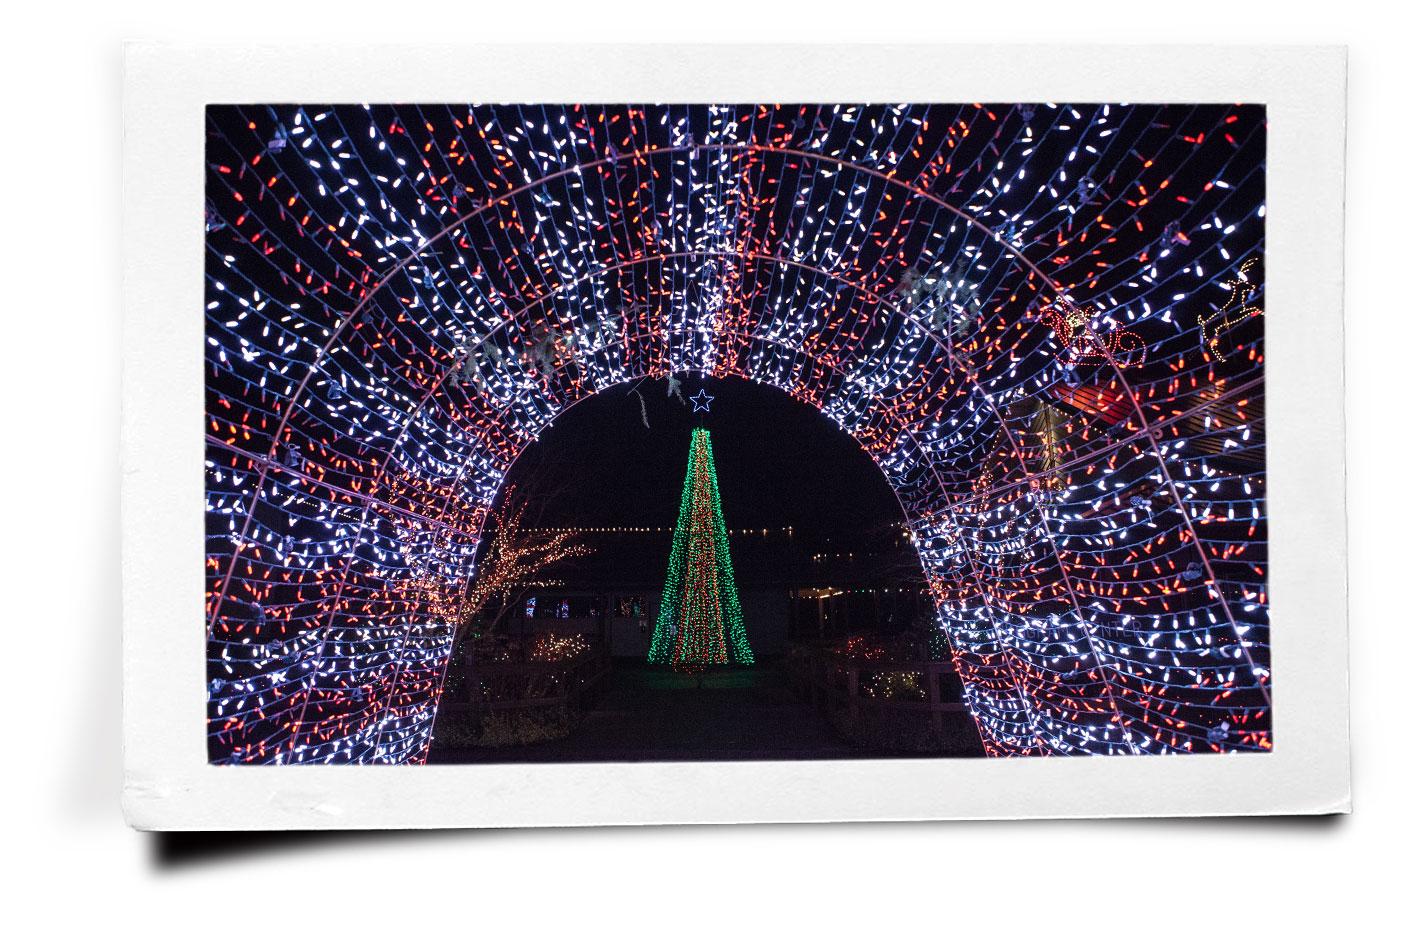 pf_tunnel-of-lights